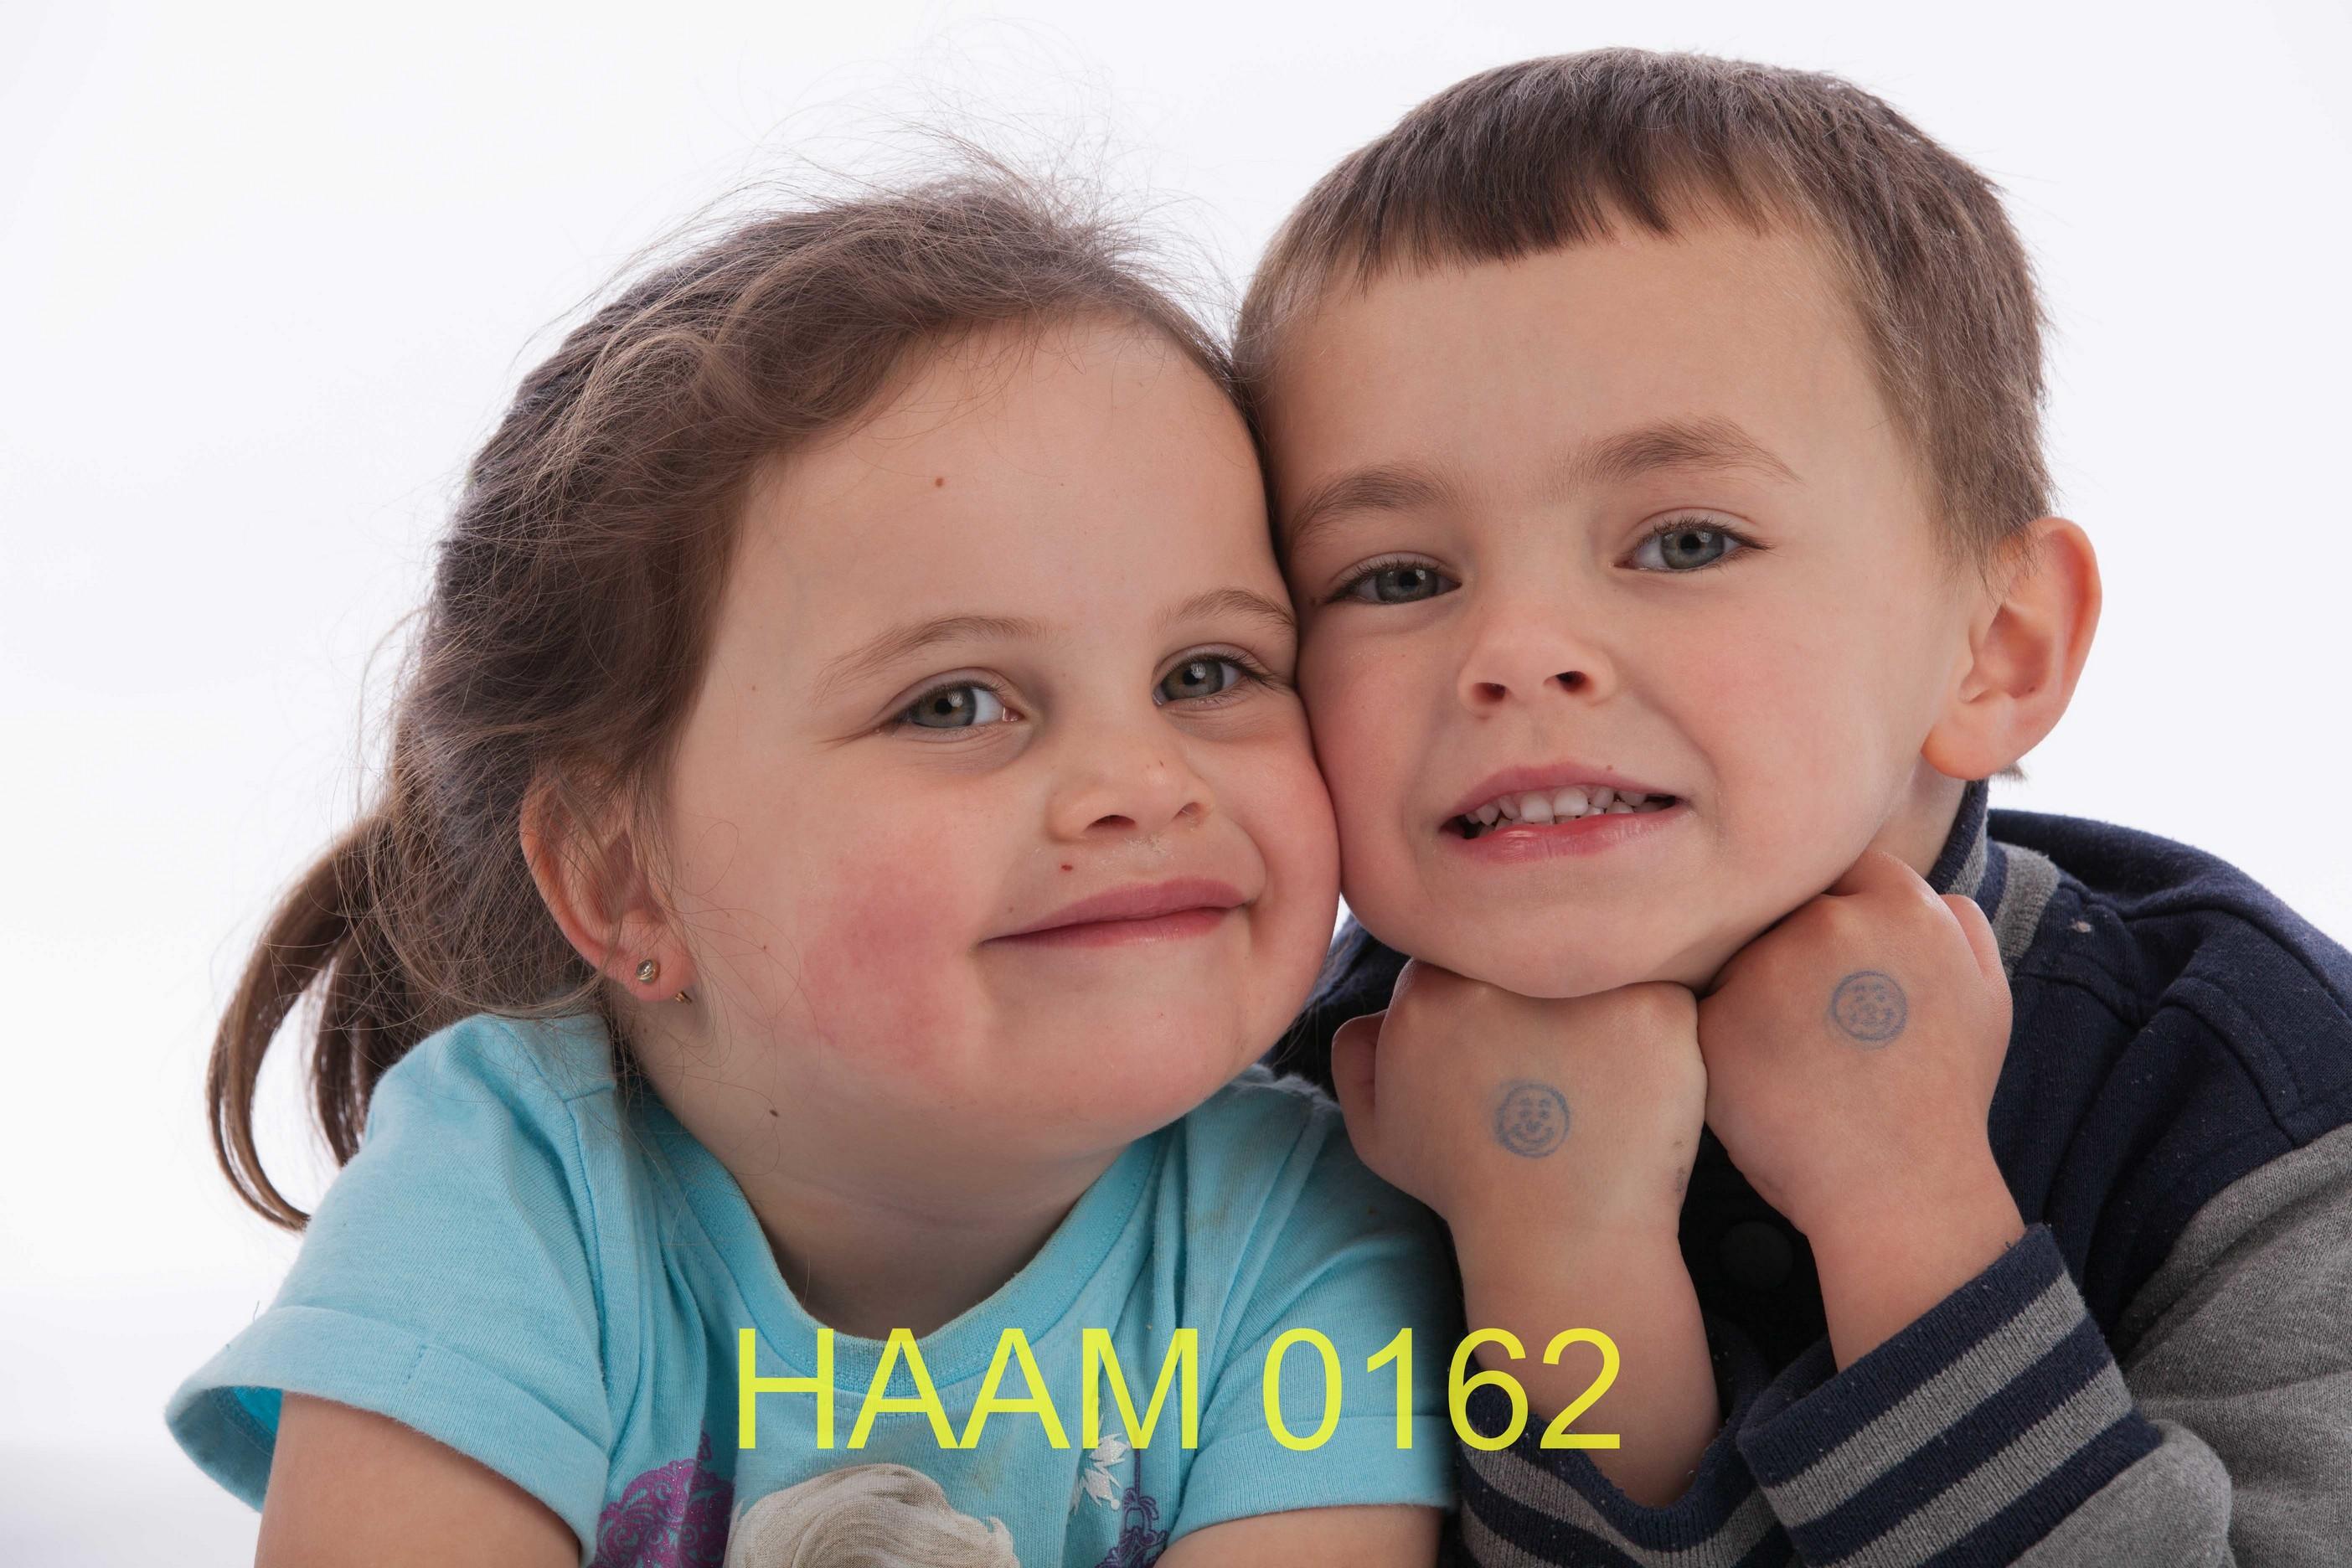 HAAM 0162